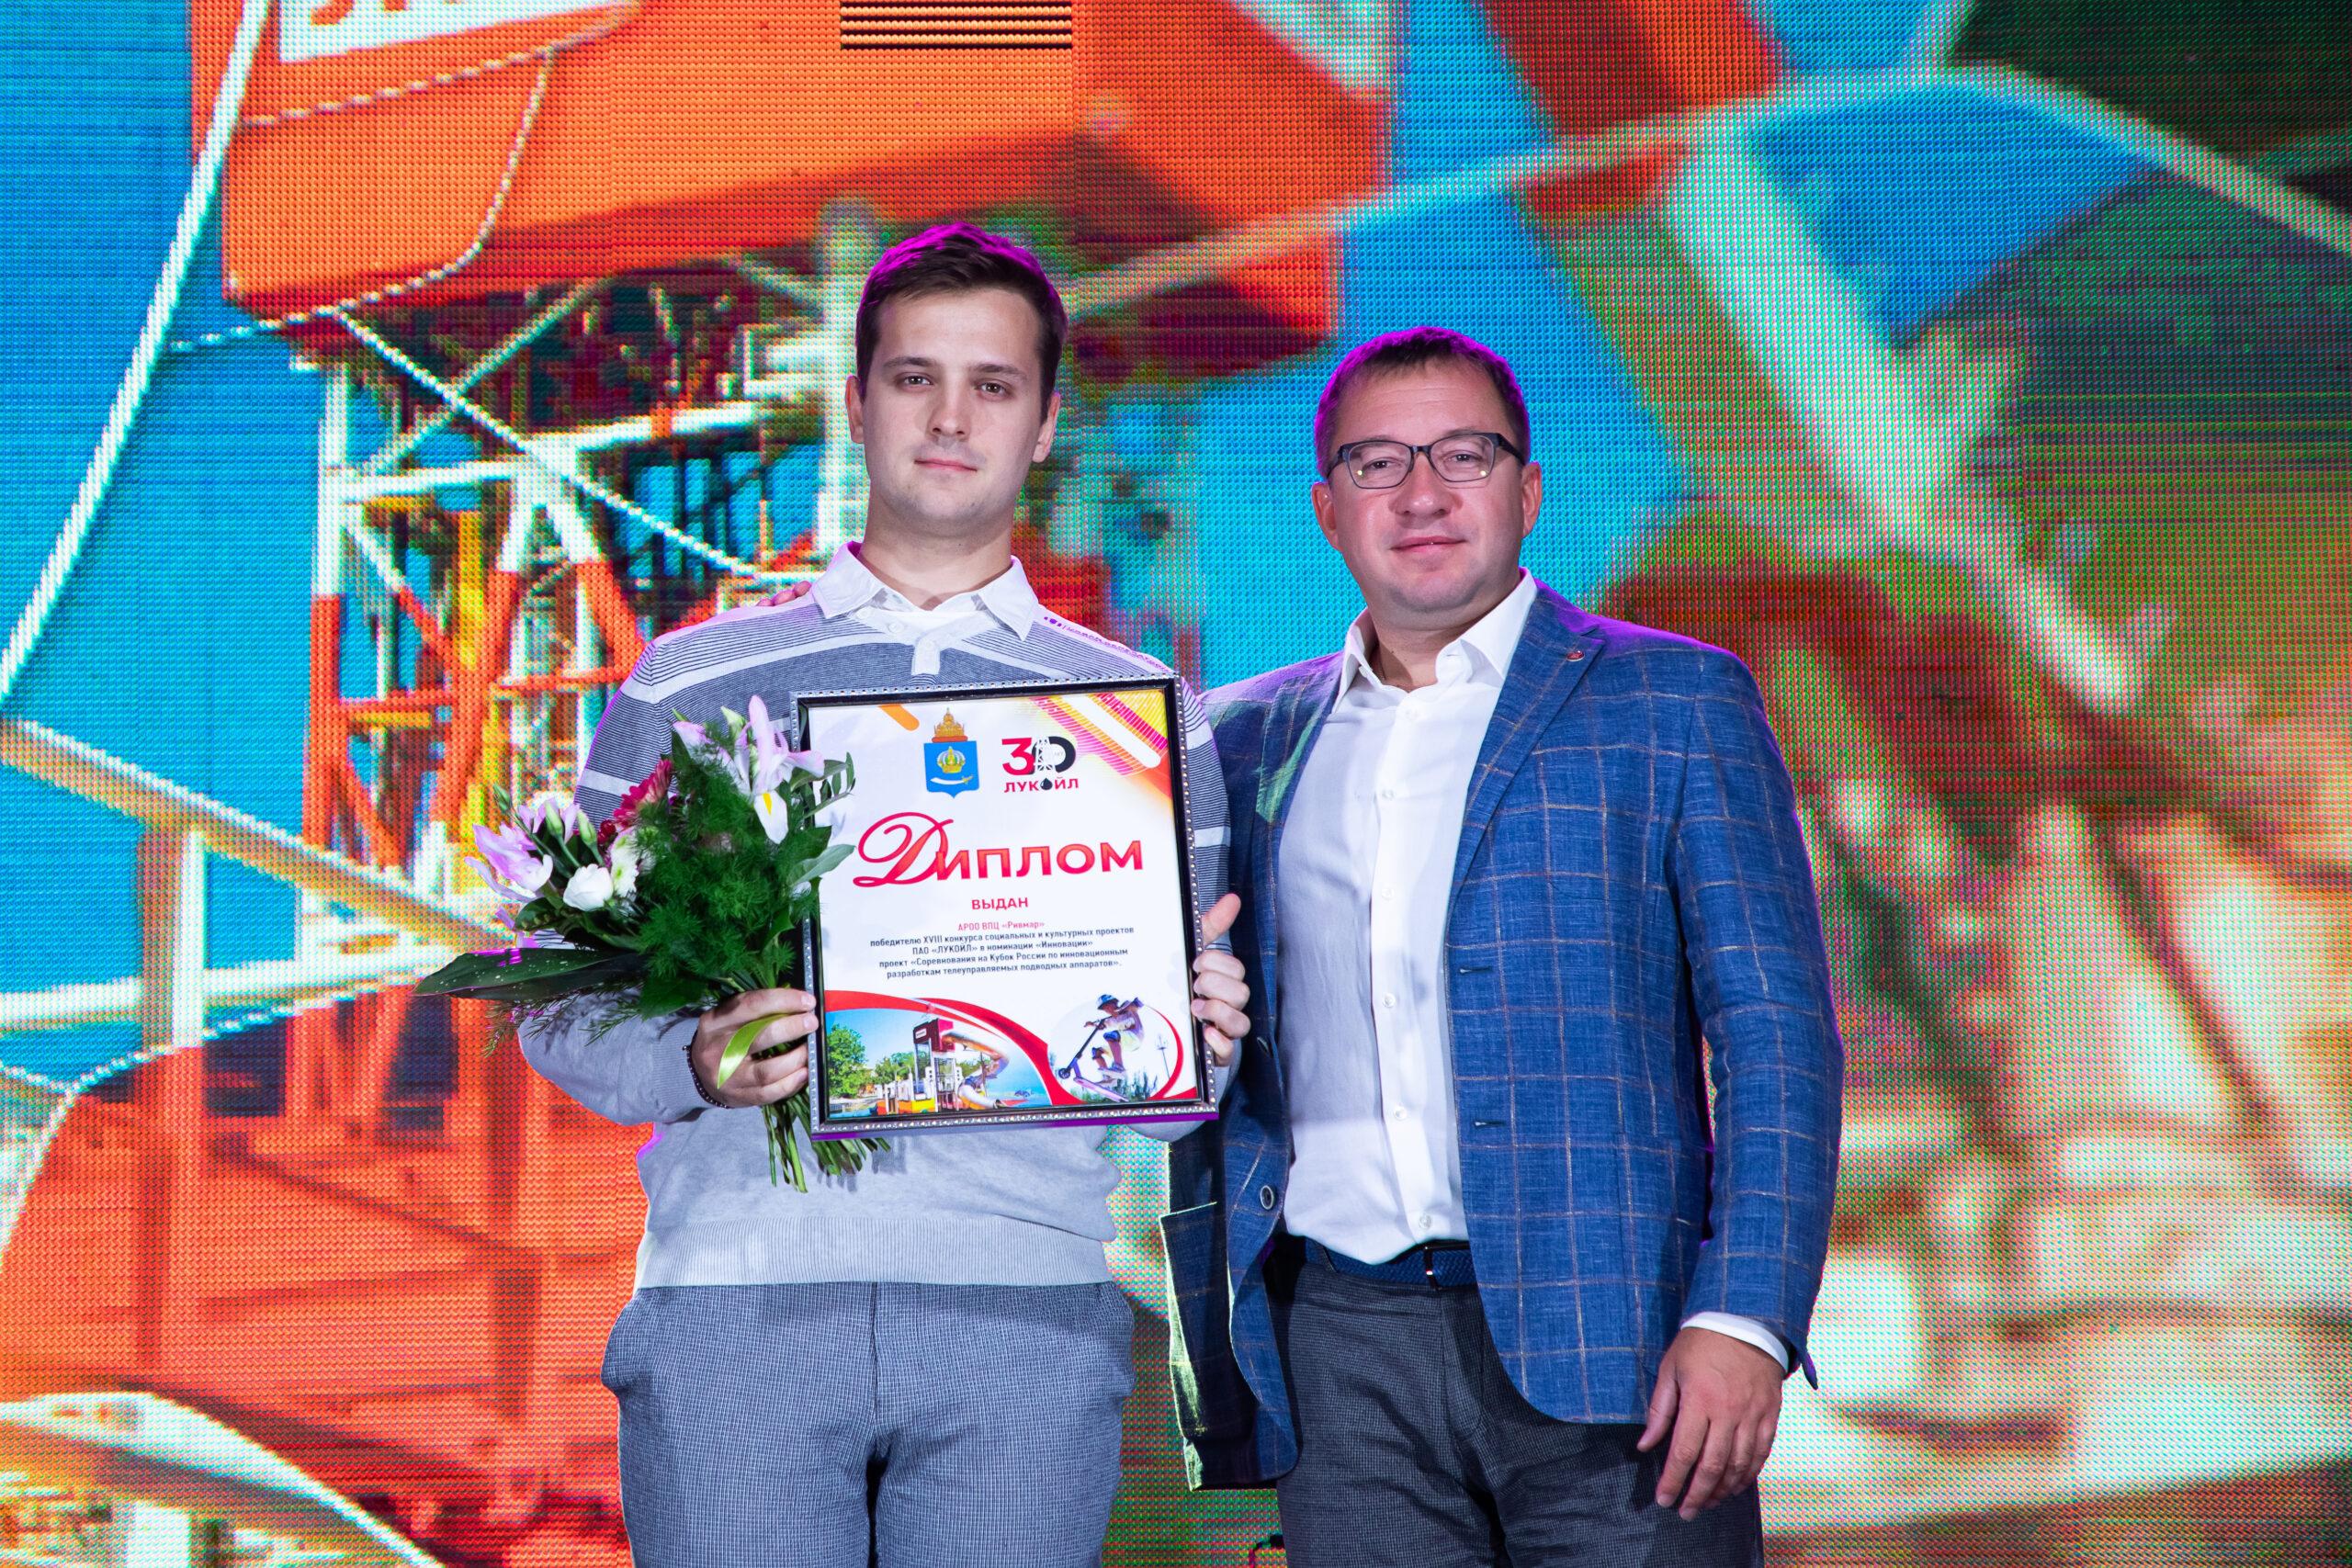 X9A2557 scaled Лучшие социальные проекты Астраханской области получили гранты от ЛУКОЙЛа